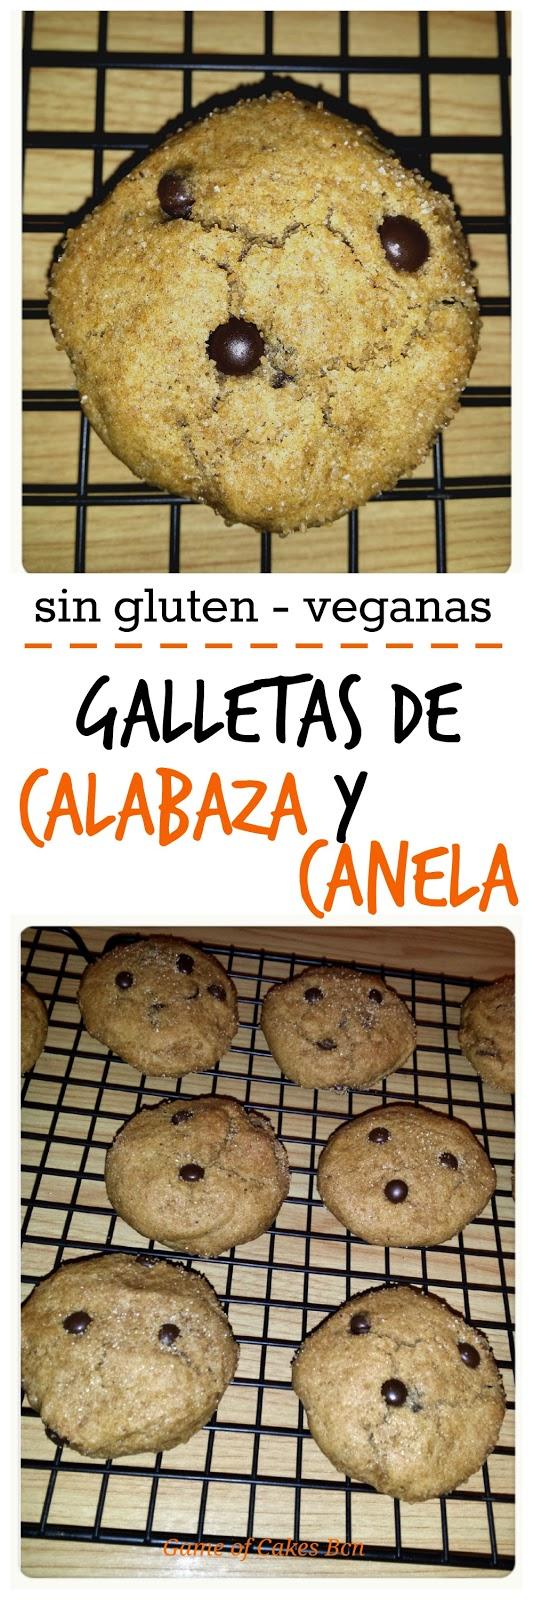 Galletas de calabaza y canela , sin gluten, veganas